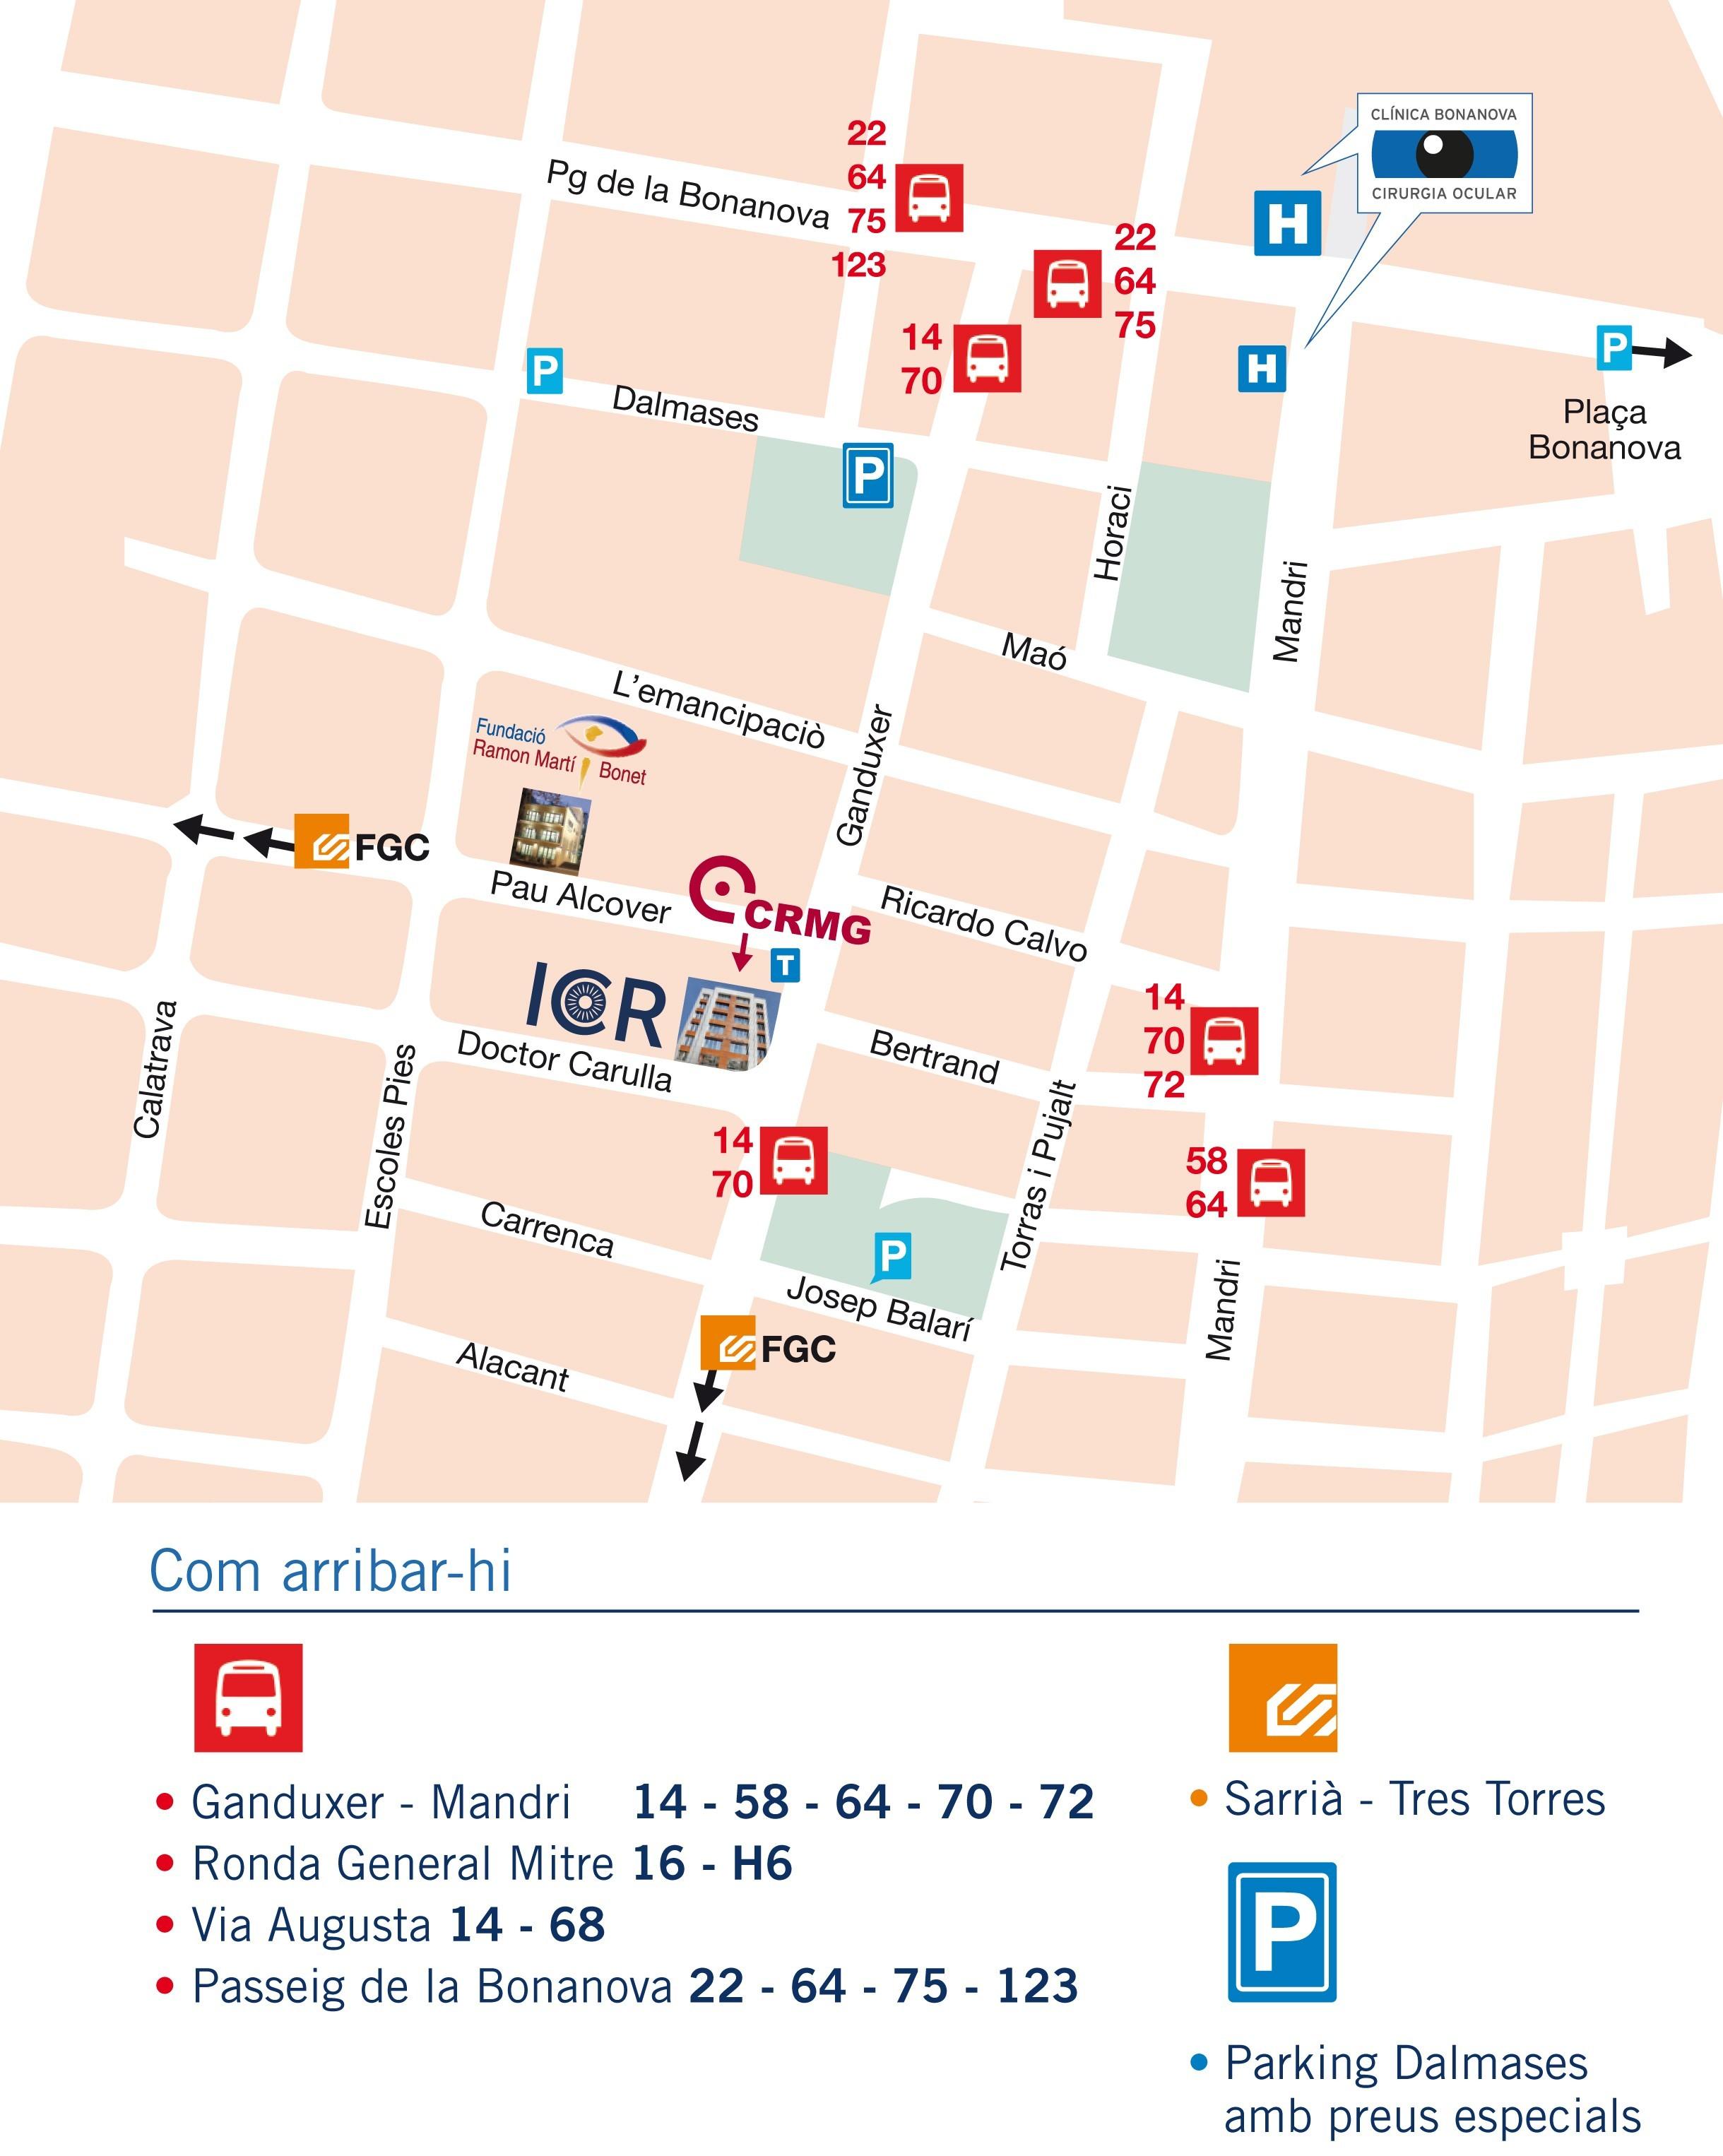 mapa-com-arribar-hi1